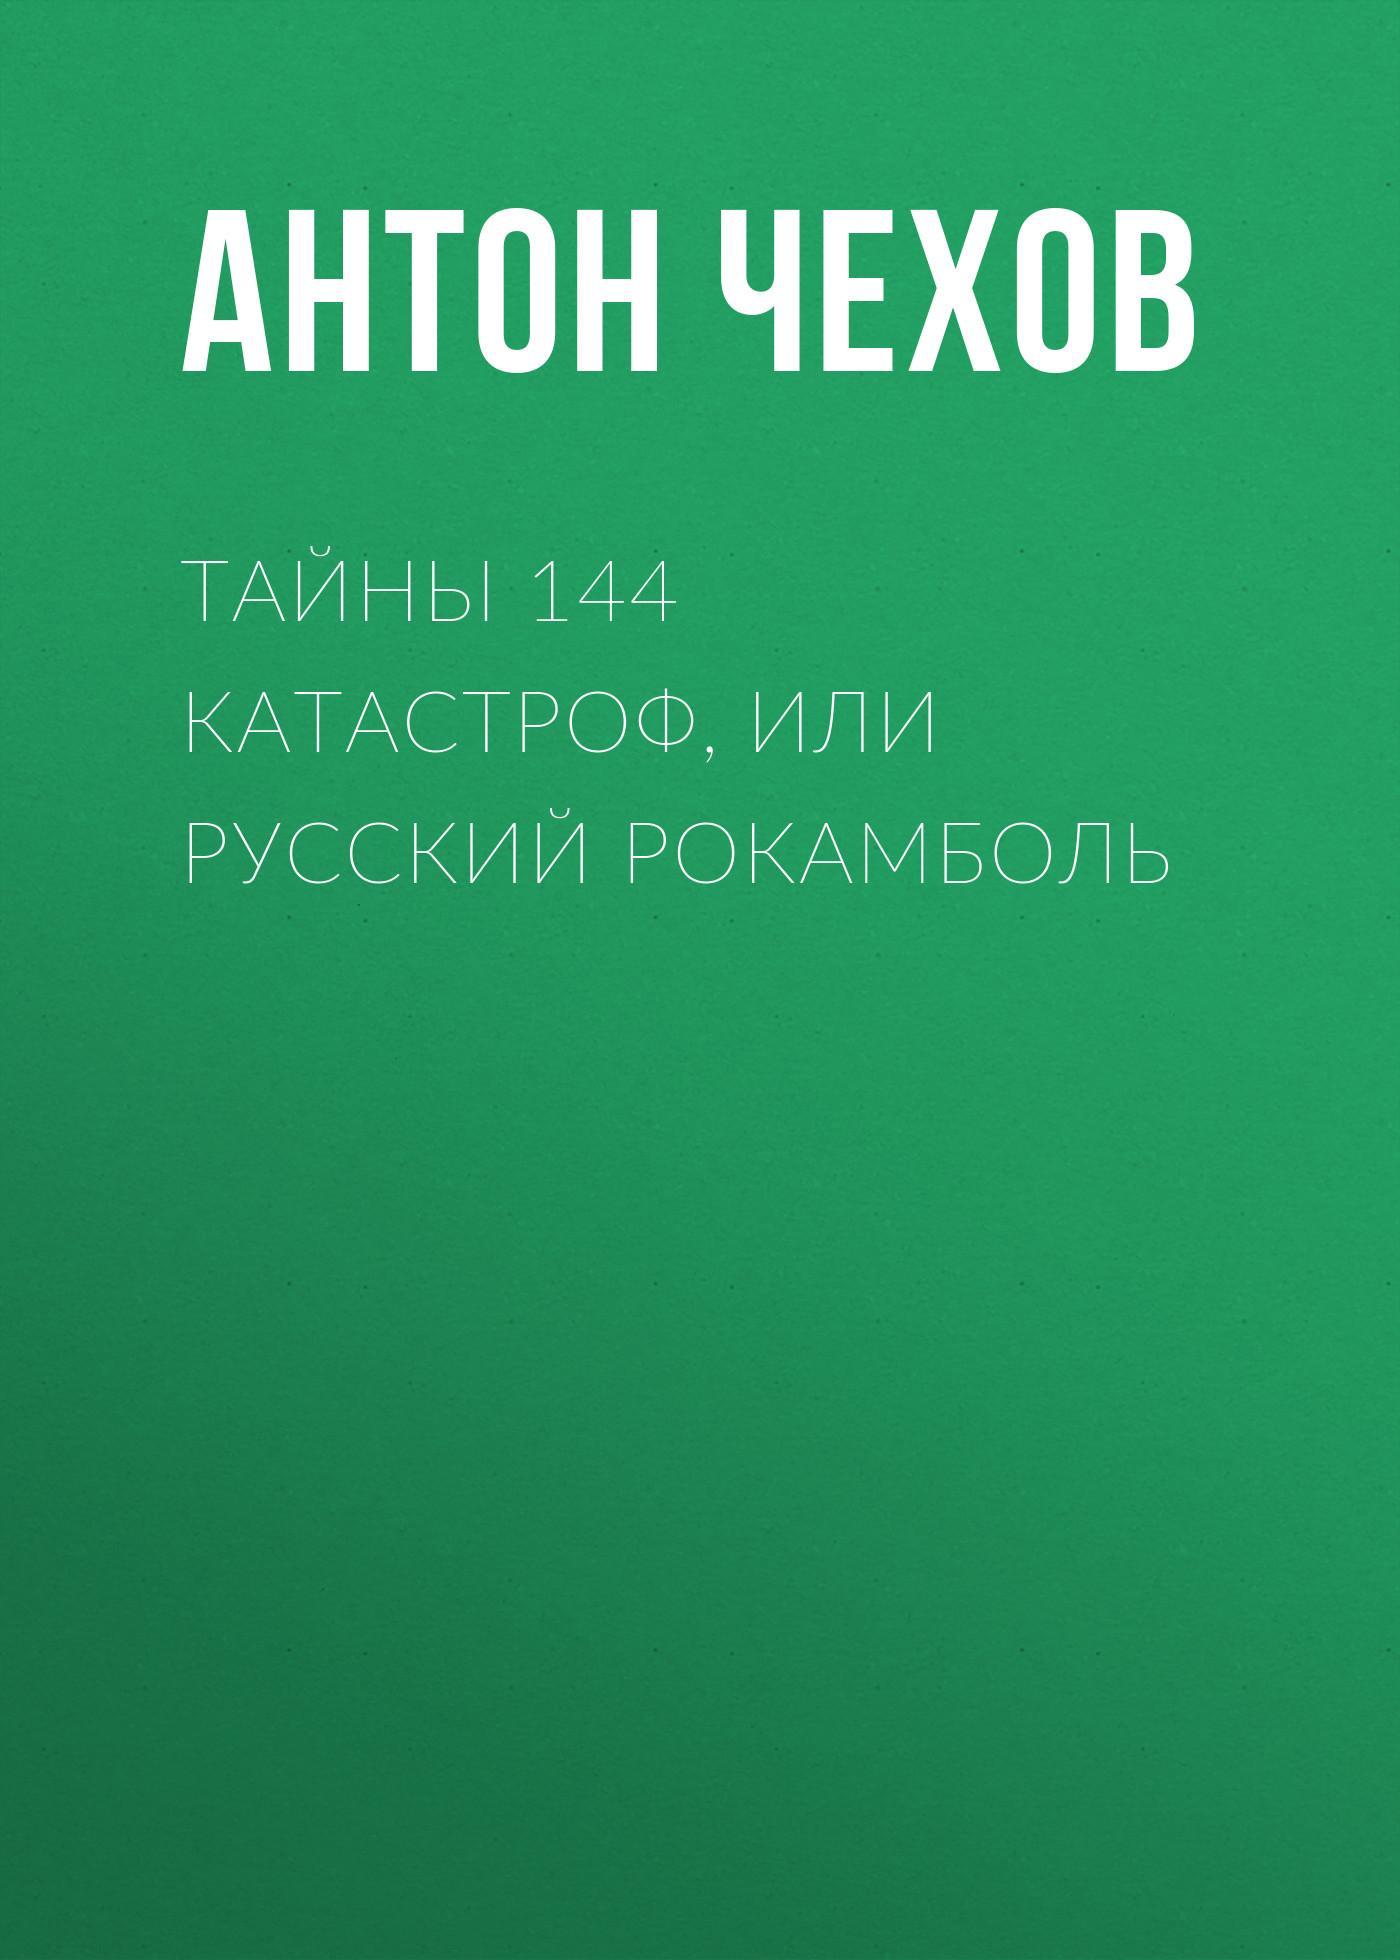 Антон Чехов Тайны 144 катастроф, или Русский Рокамболь тайны 144 катастроф или русский рокамболь